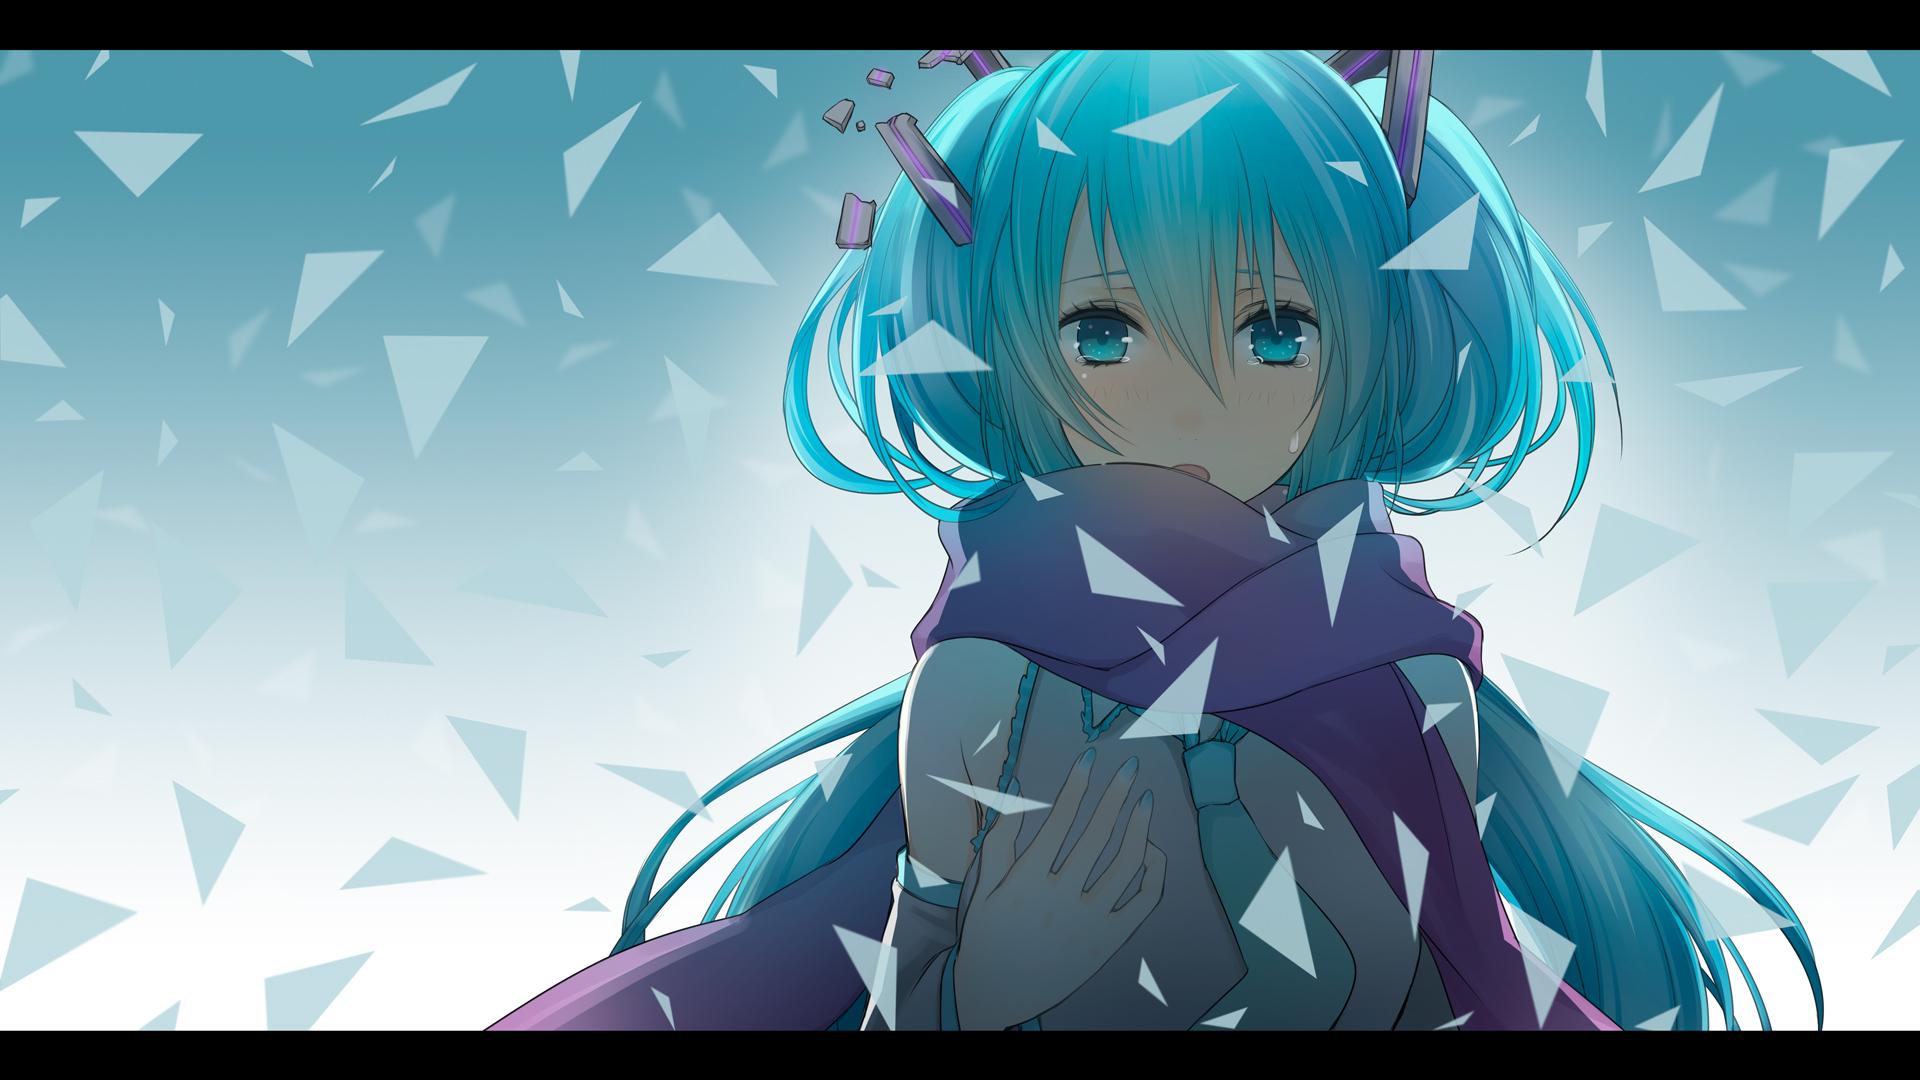 Hatsune Miku Vocaloid Hd Wallpaper 996880 Zerochan